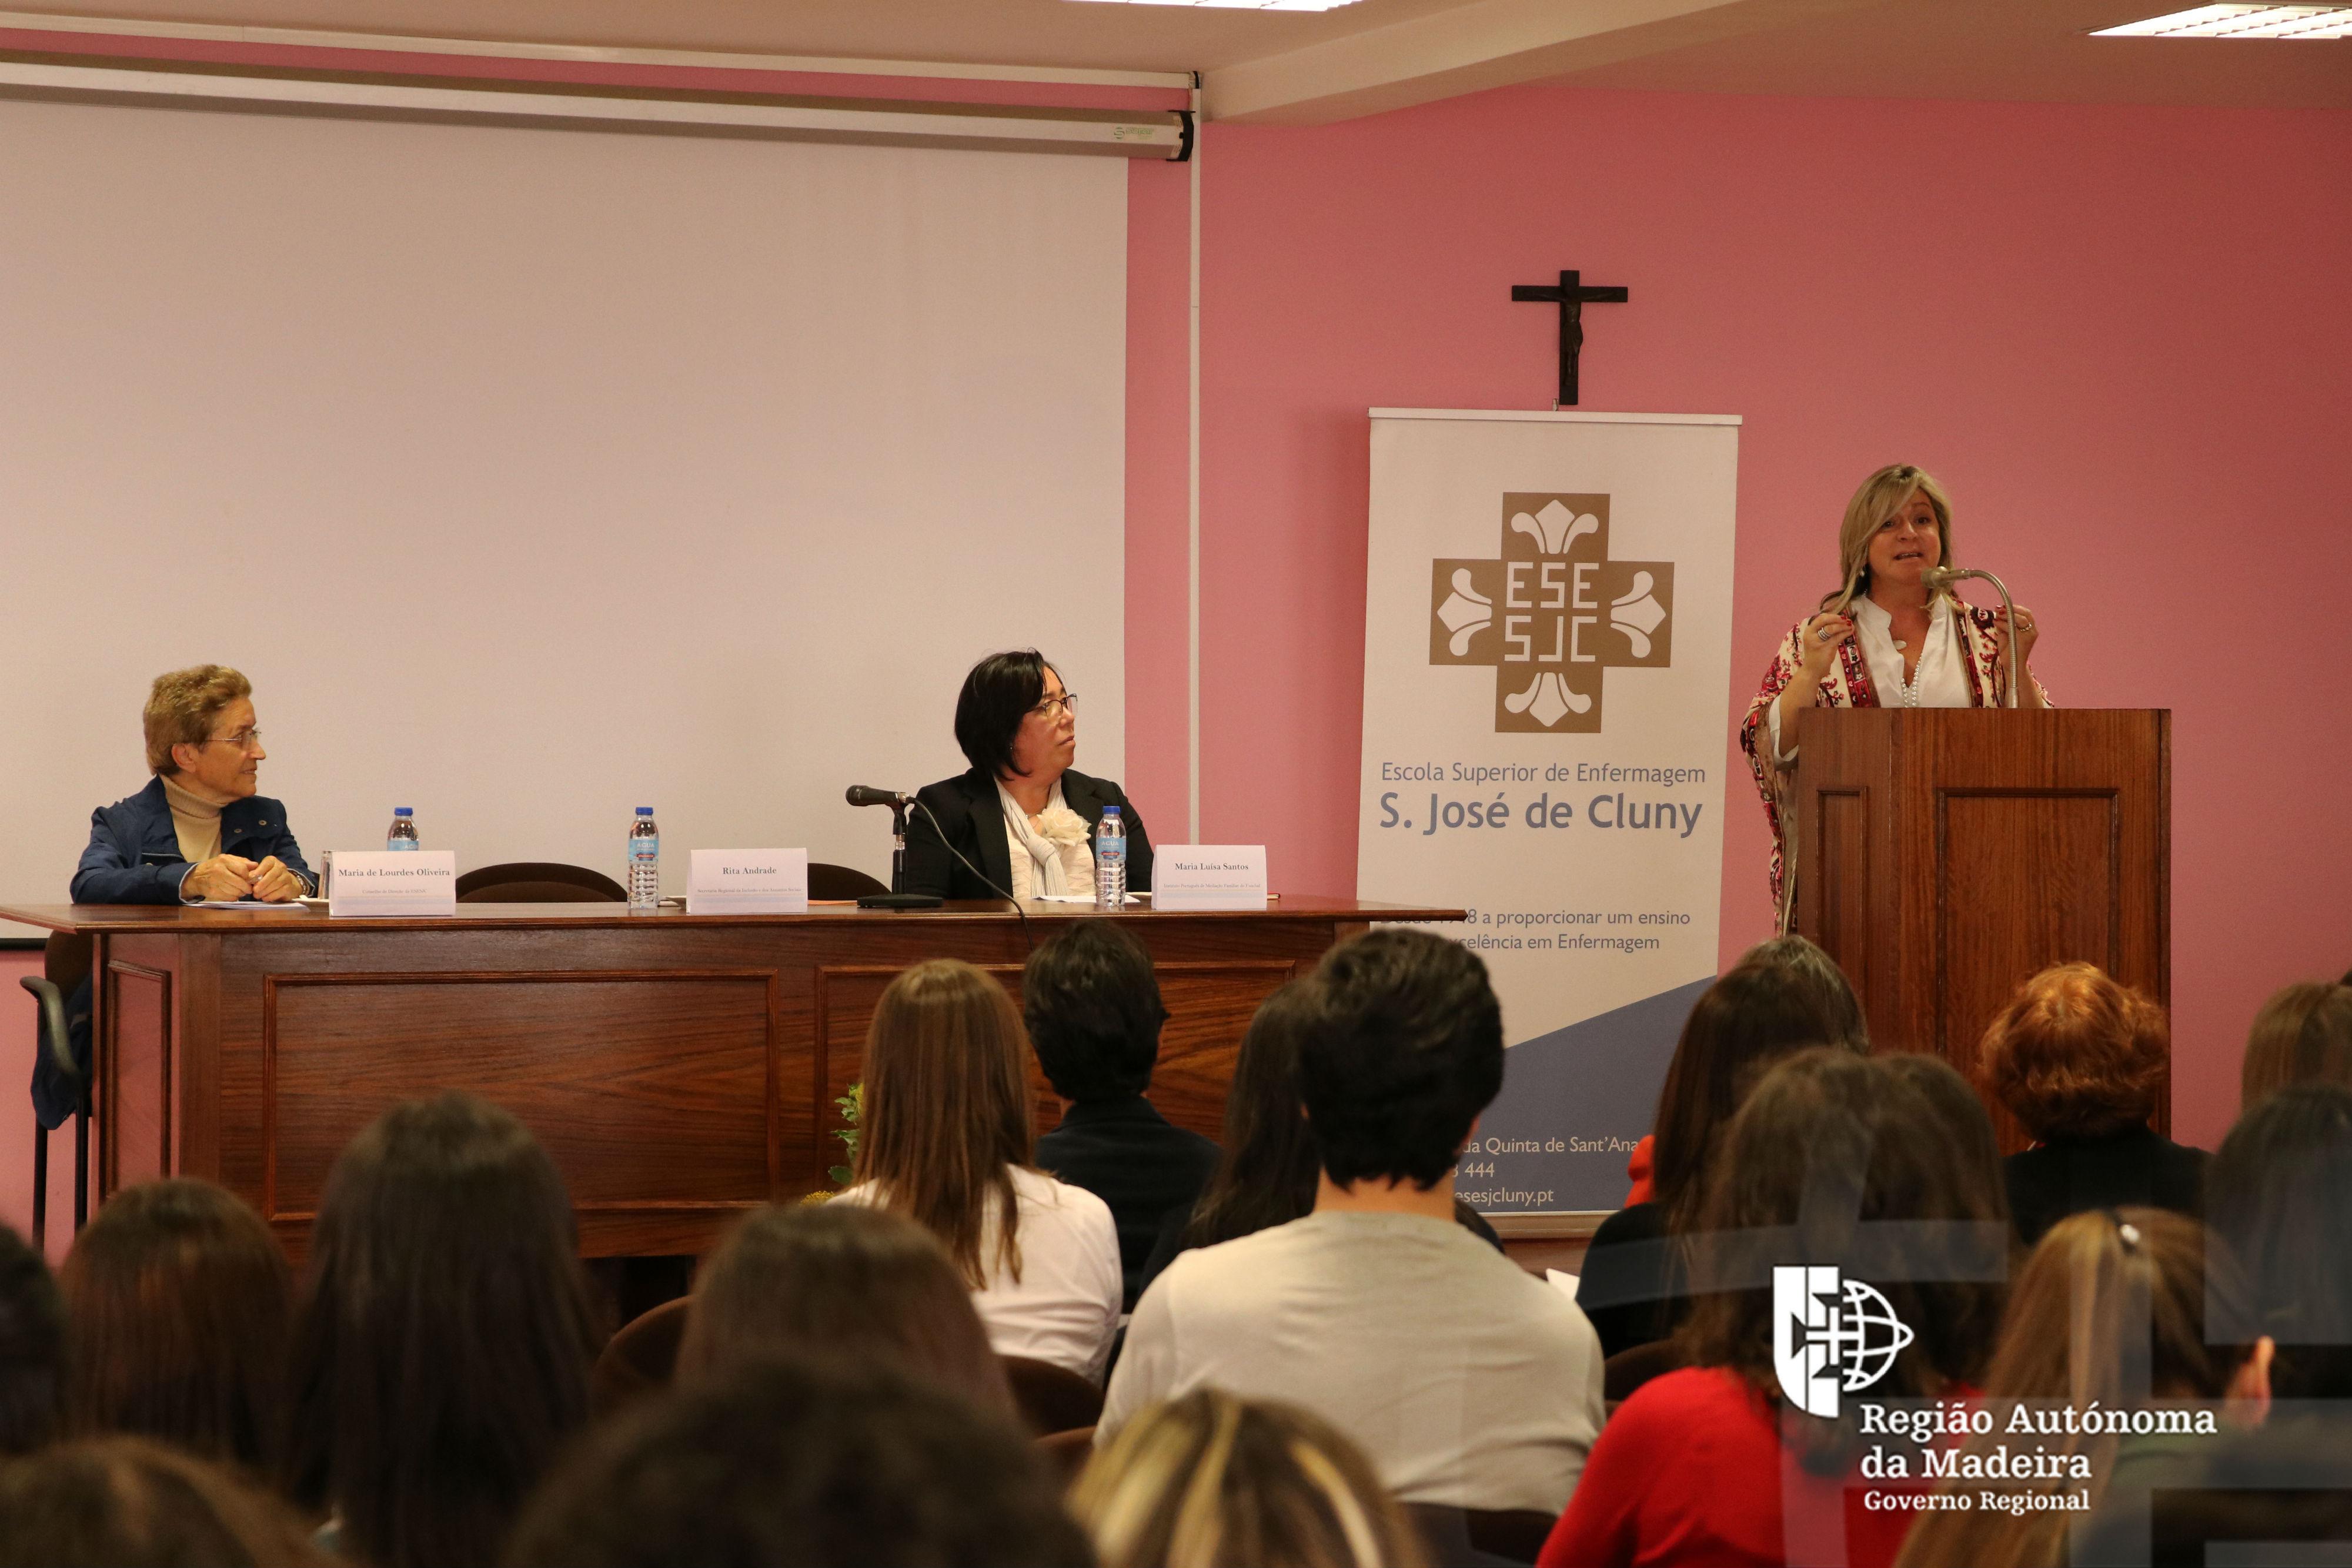 Secretária Regional na Conferência 'Mediação como Metodologia de Inovação Social: do Pré ao Ensino Superior'